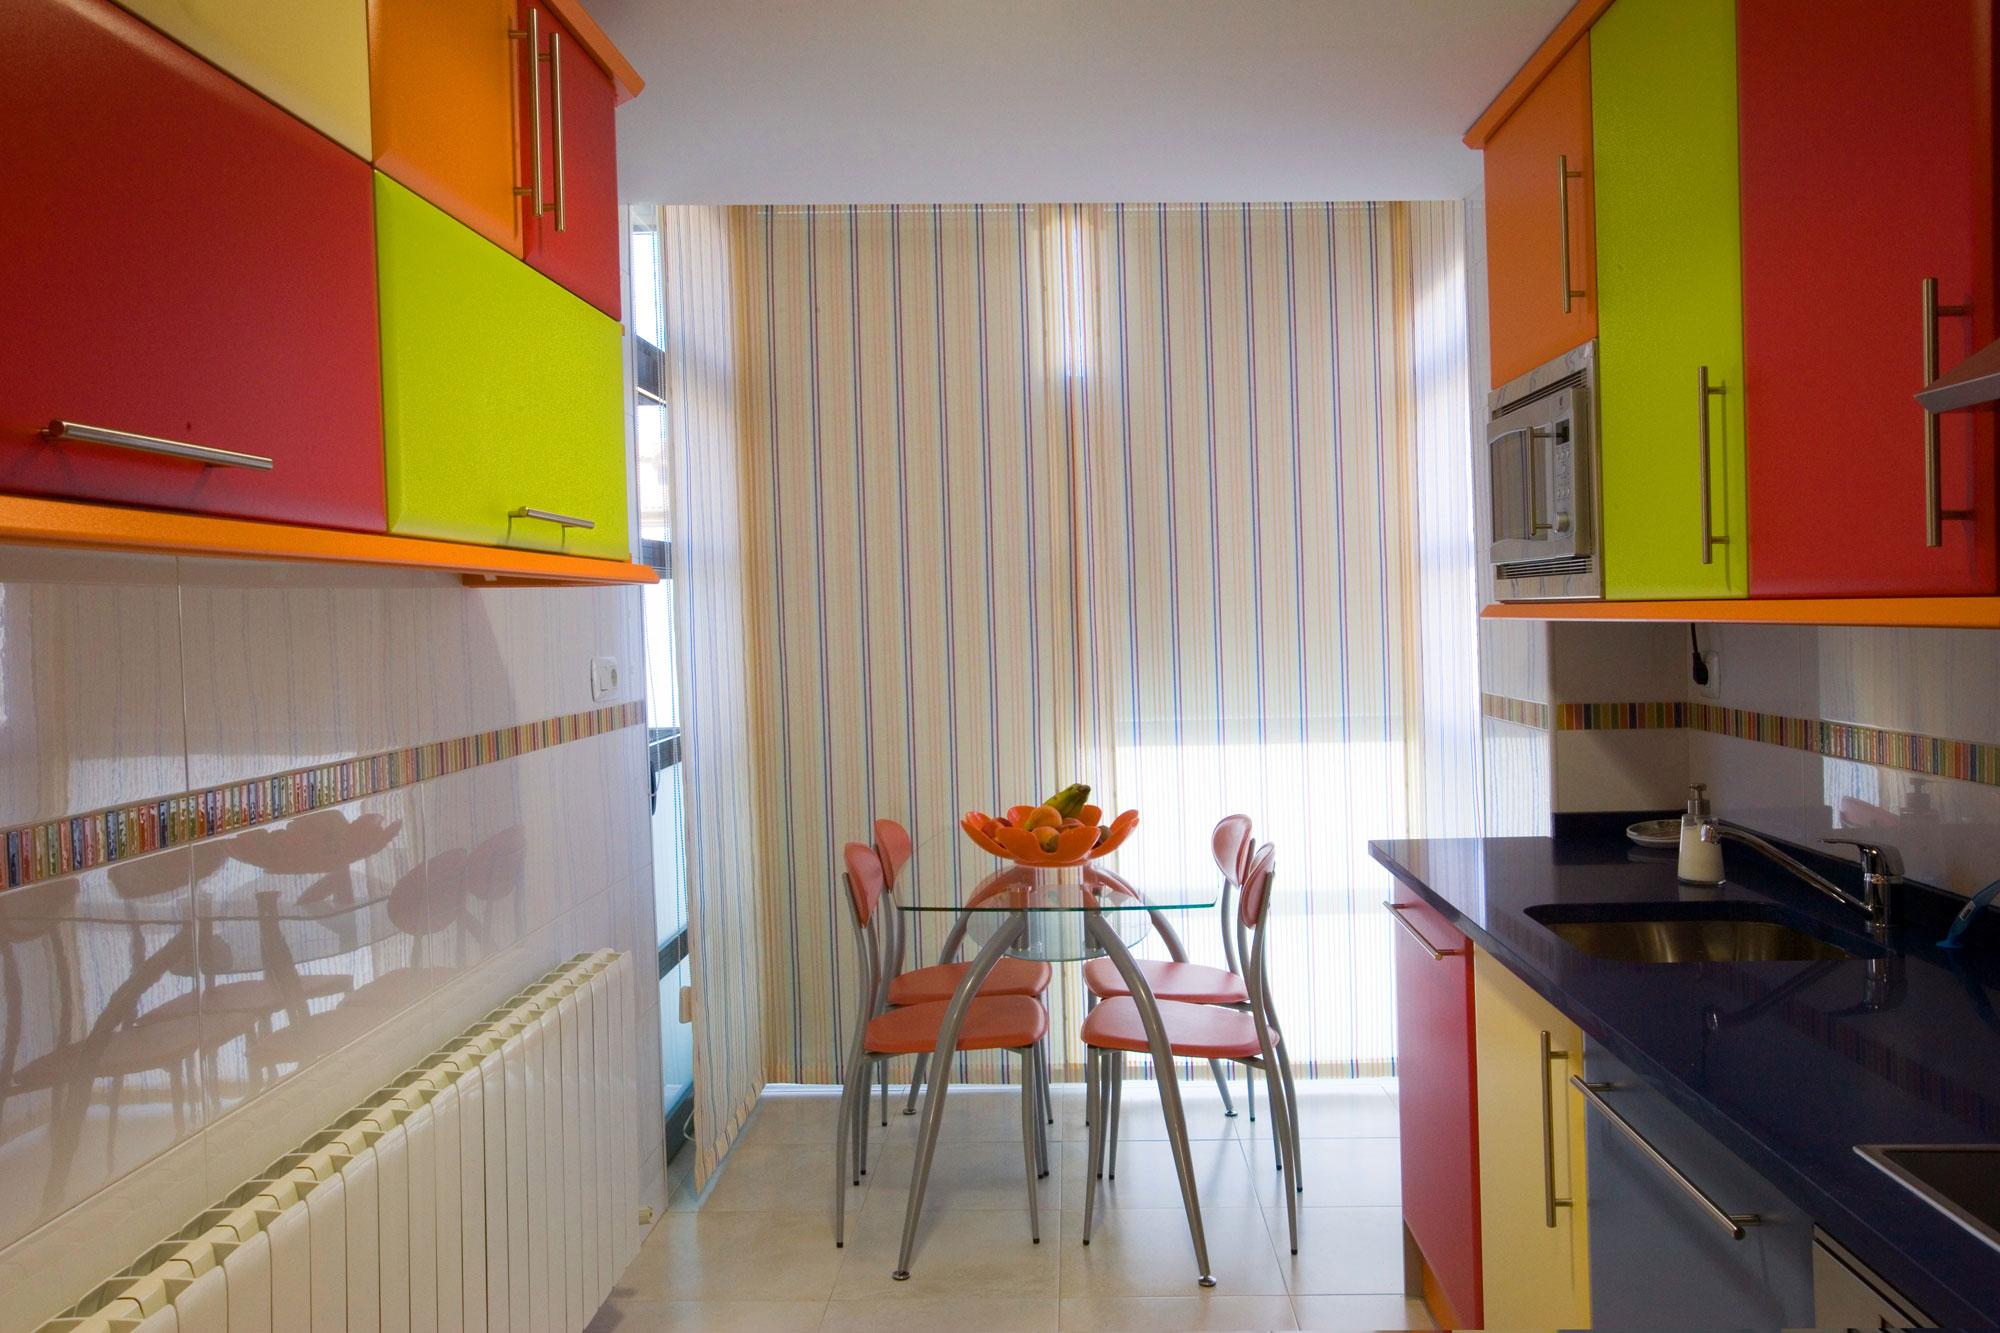 Estores para cocinas blancas las cortinas enrollables en for Estores de cocina modernos